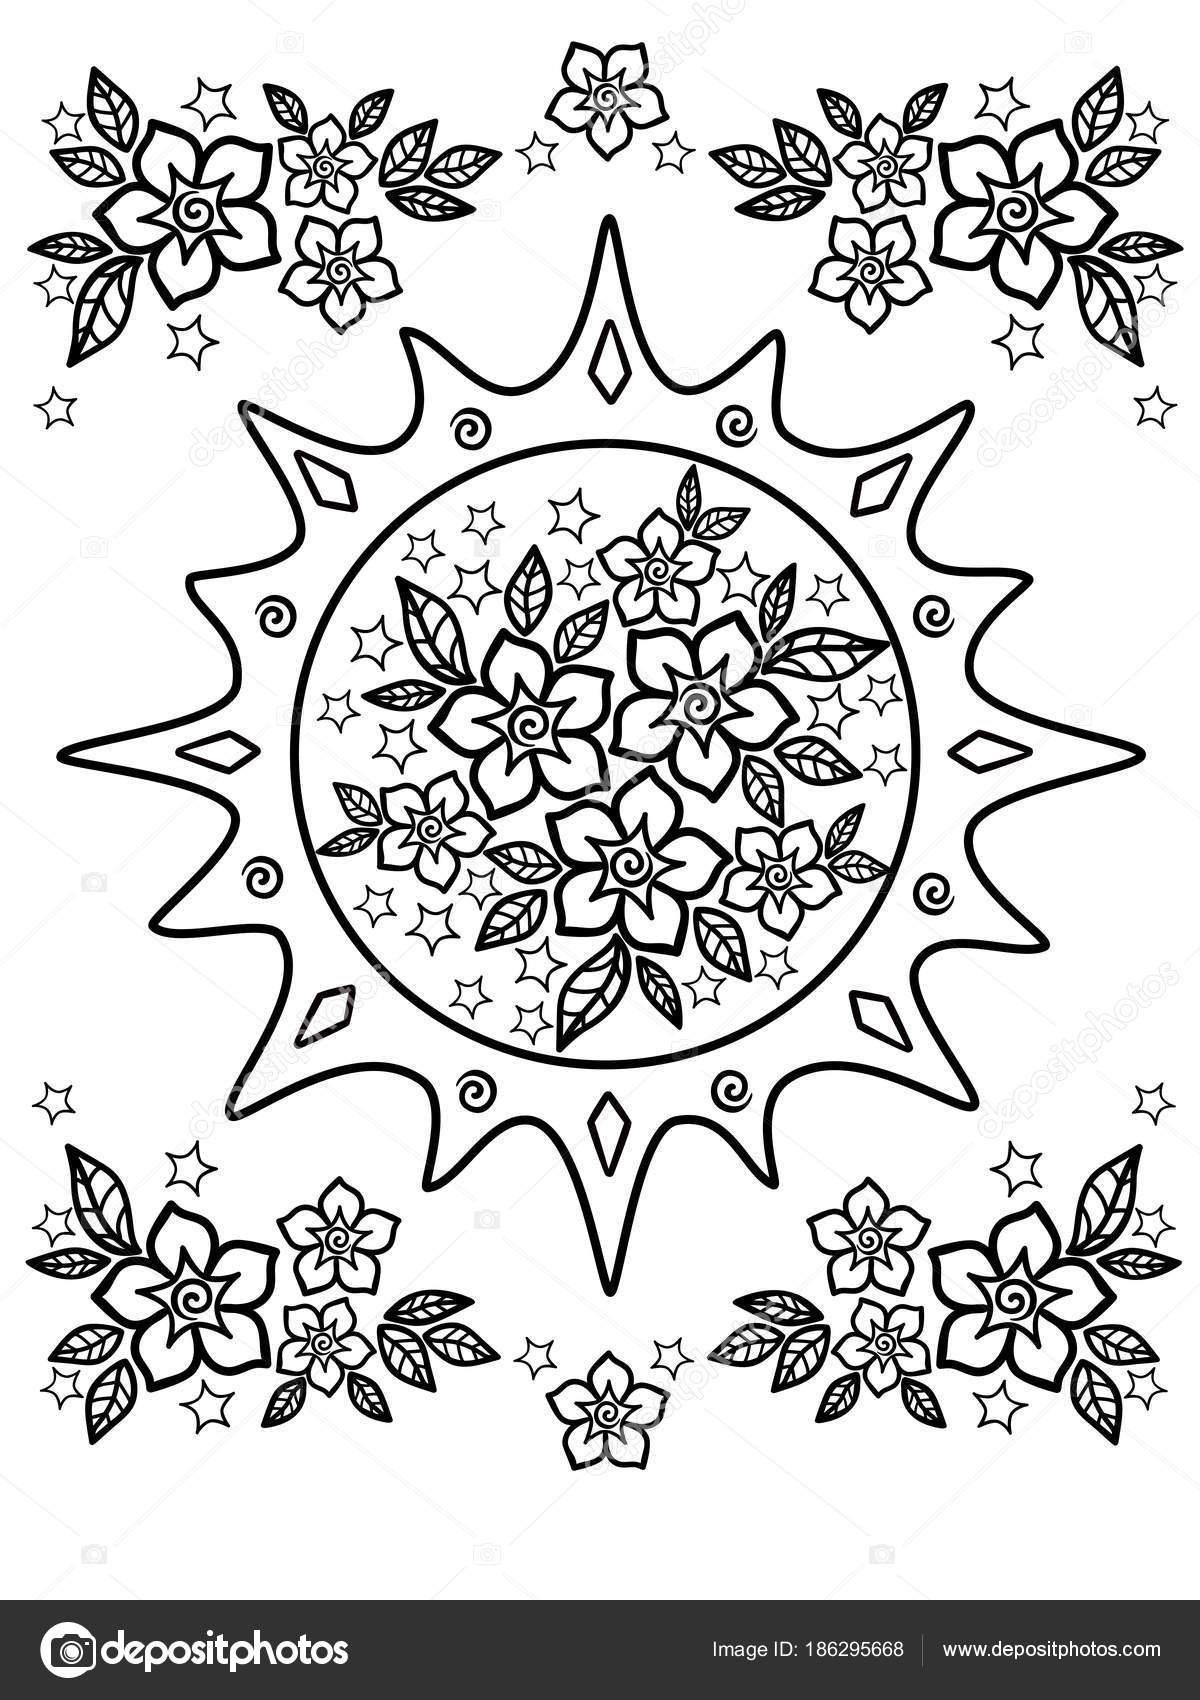 Dibujos Para Colorear Personas Mayores Flores Primavera Dibujo